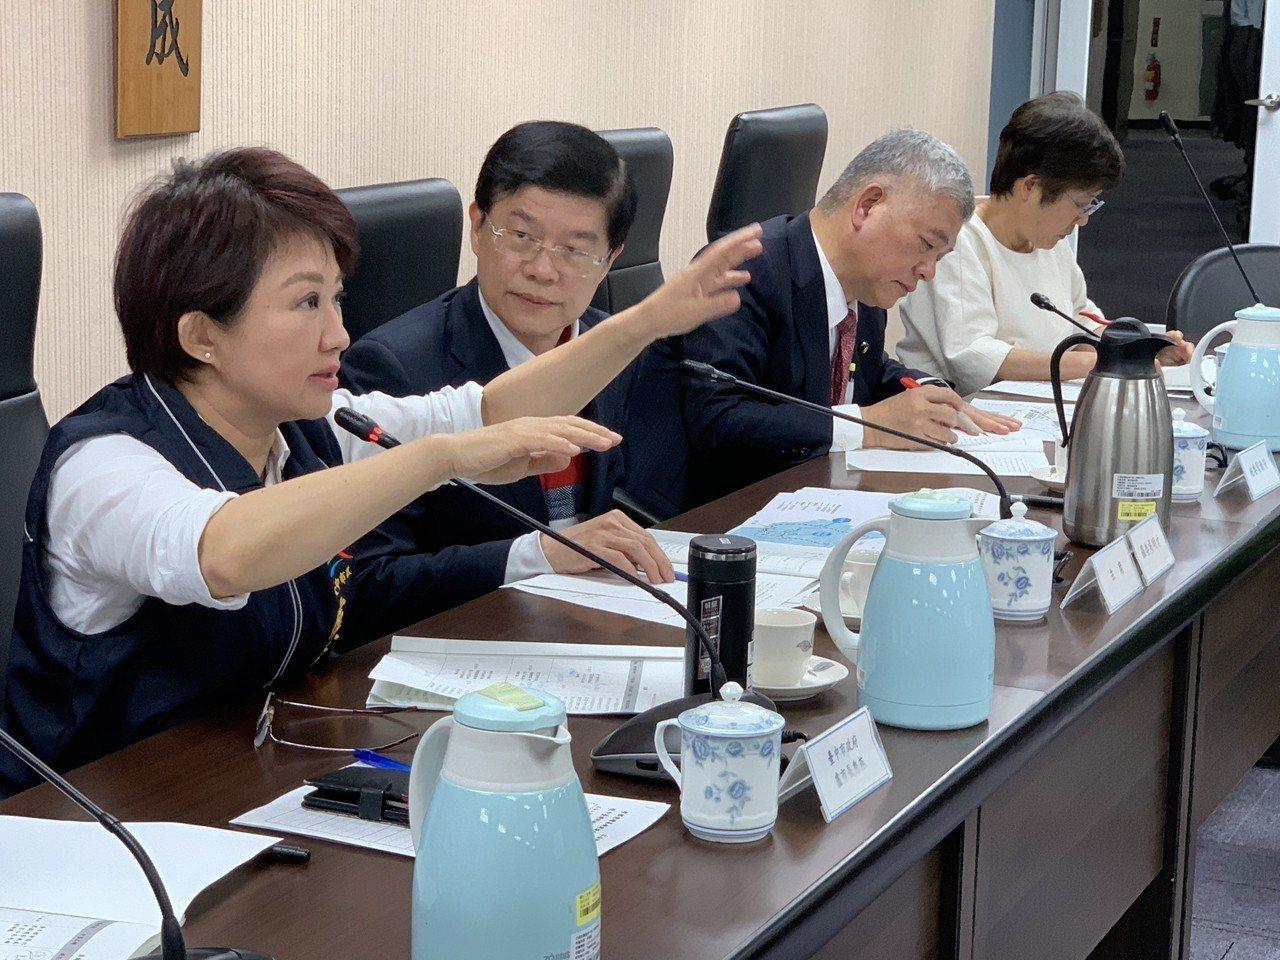 立法院財政委員會今天到台中針對前瞻建設進行地方考察,財政委員會是盧秀燕的「娘家」...